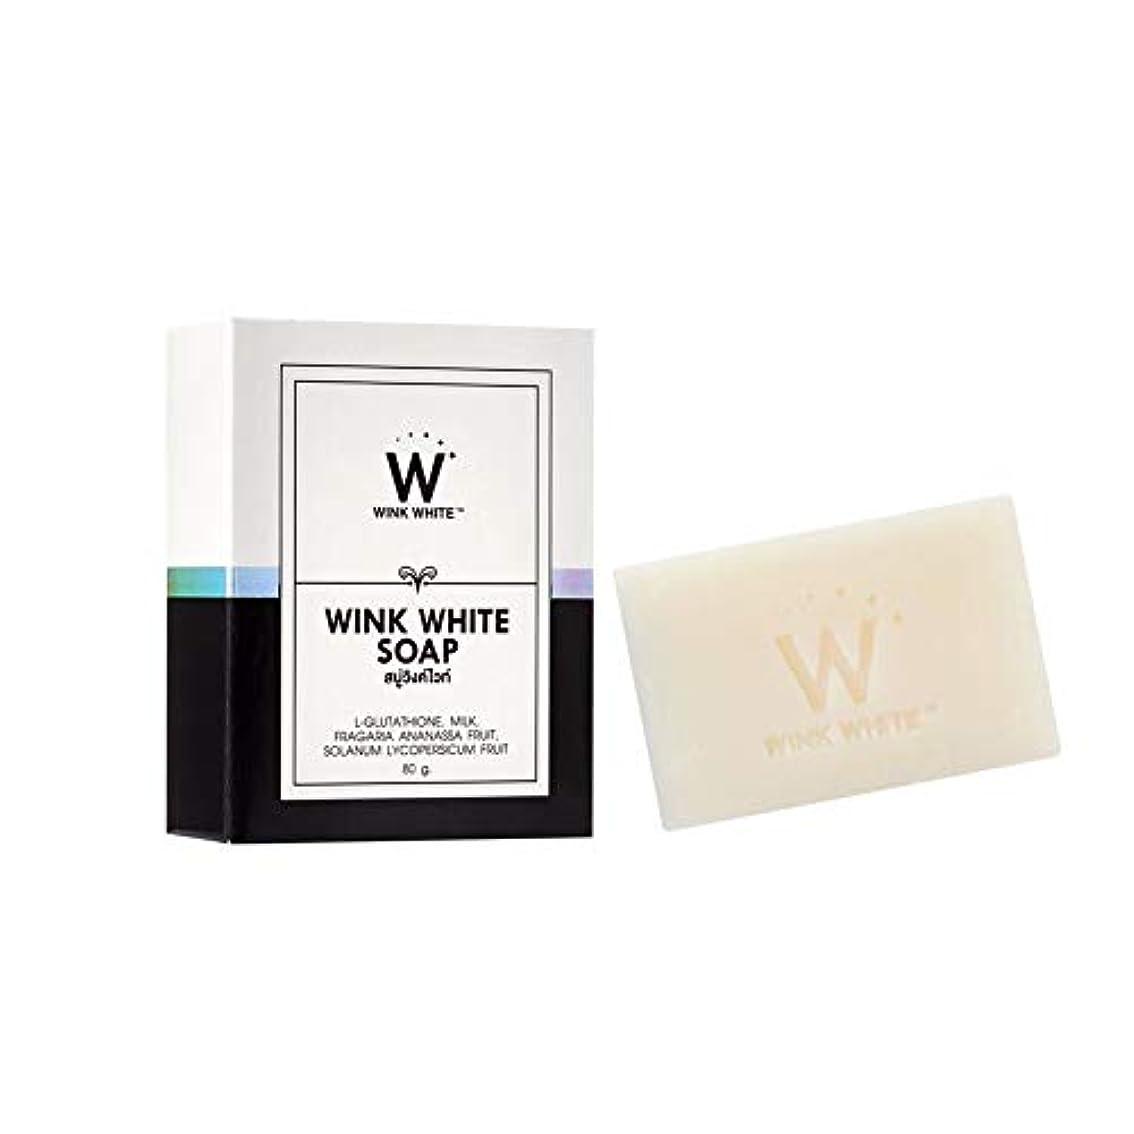 バッジコイン恩恵Soap Net Nature White Soap Base Wink White Soap Gluta Pure Skin Body Whitening Strawberry for Whitening Skin All...